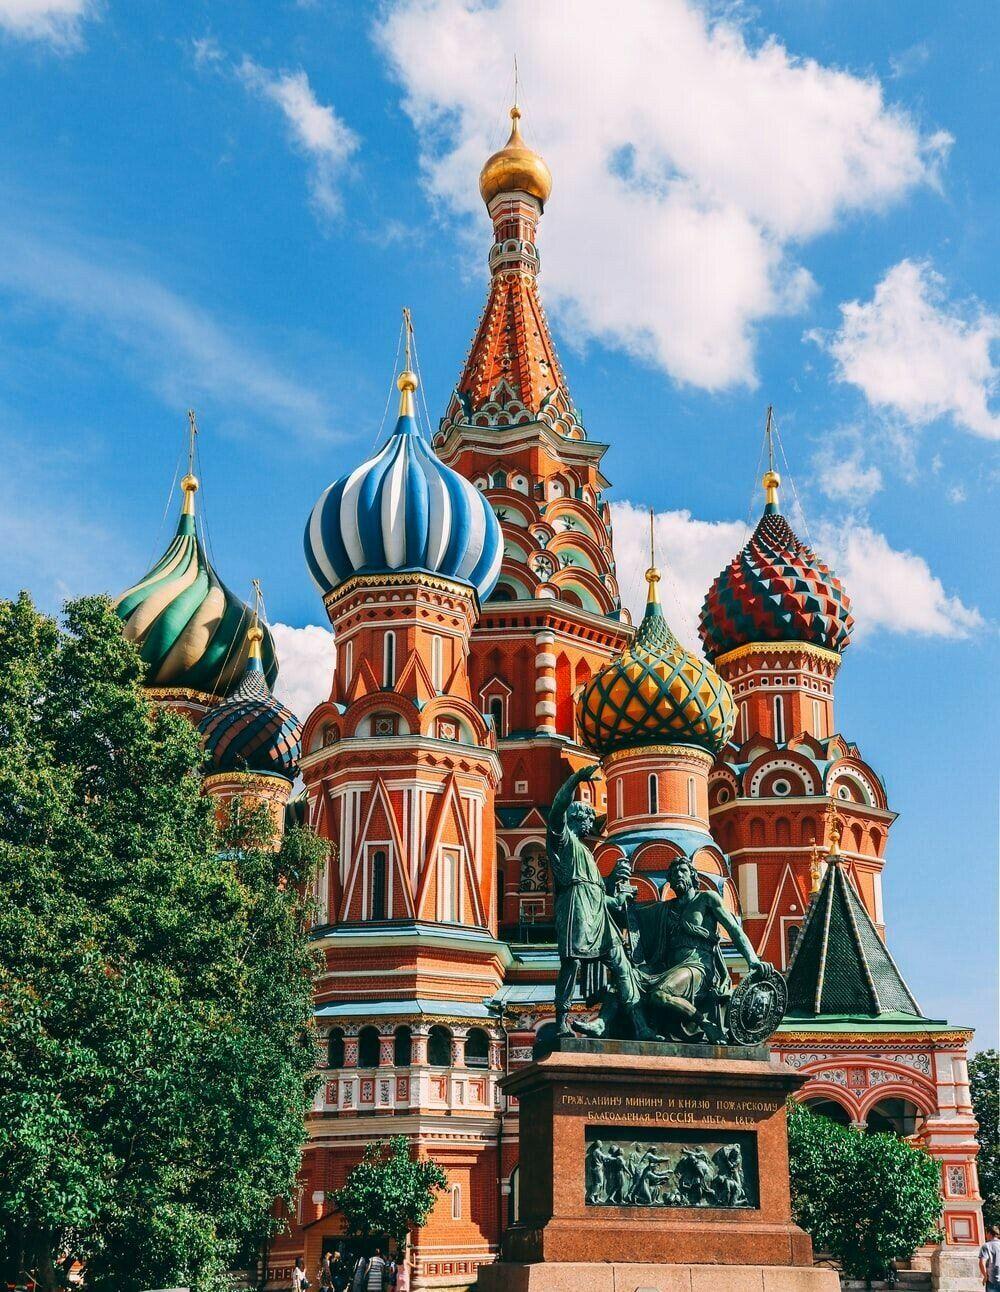 صور من مدينة Moscow موسكو في روسيا Russia سياحة 16 Landschaft